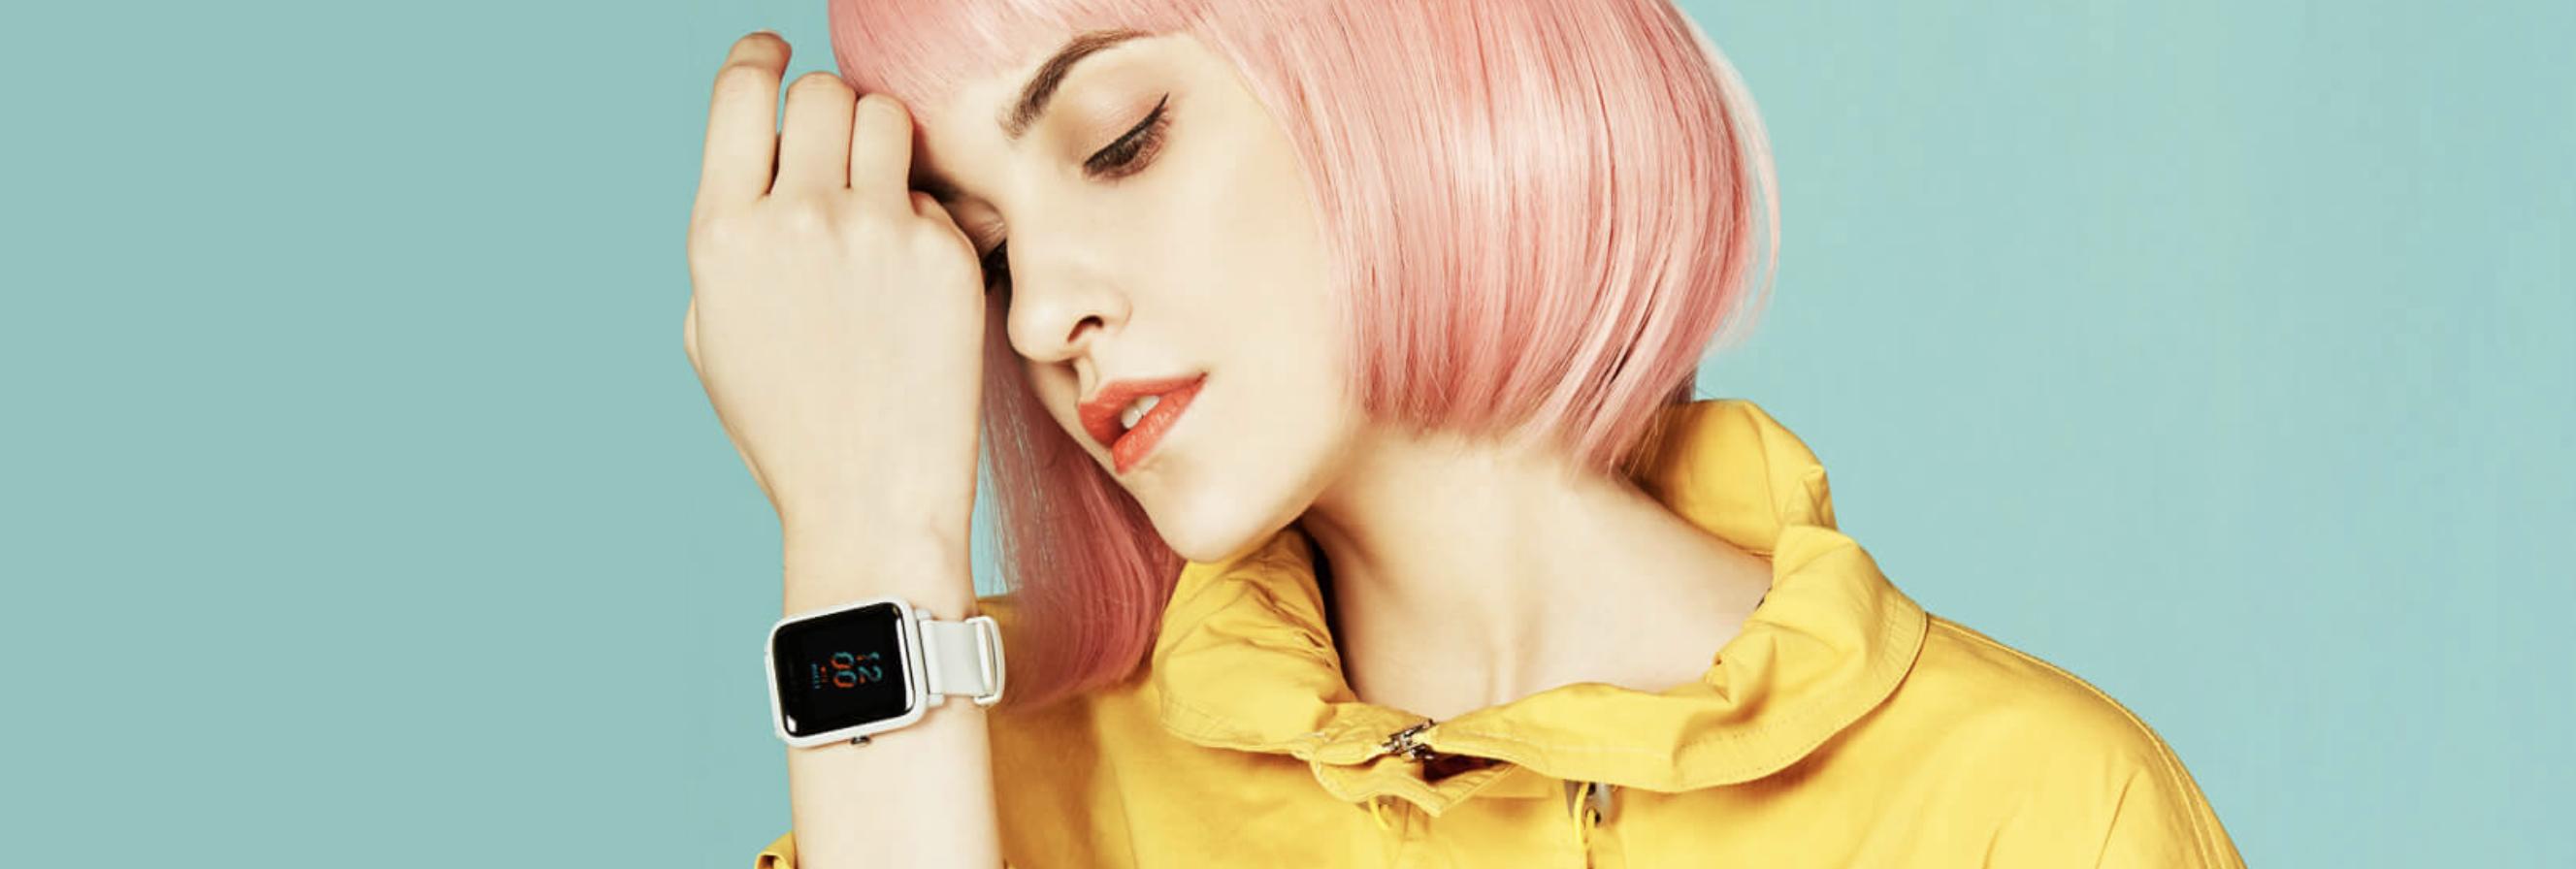 Amazfit Bip S - może takiego smartwatcha szukacie? 21